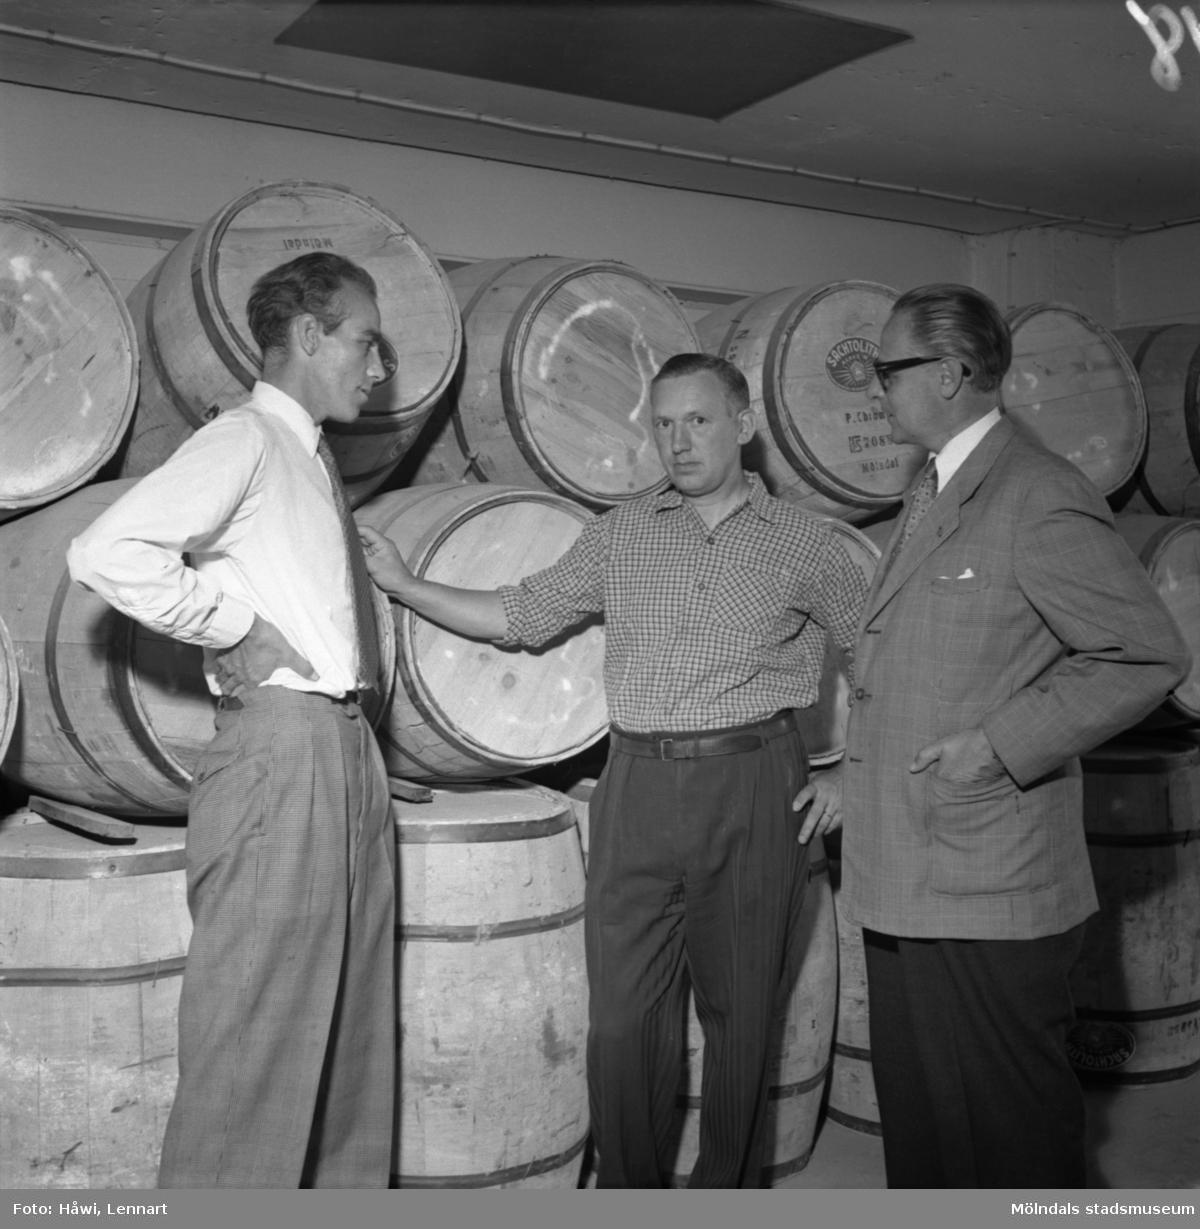 Reportage från Papyrus pressvisning i Mölndal, 29/8 1955. Tre män framför en samling tunnor.